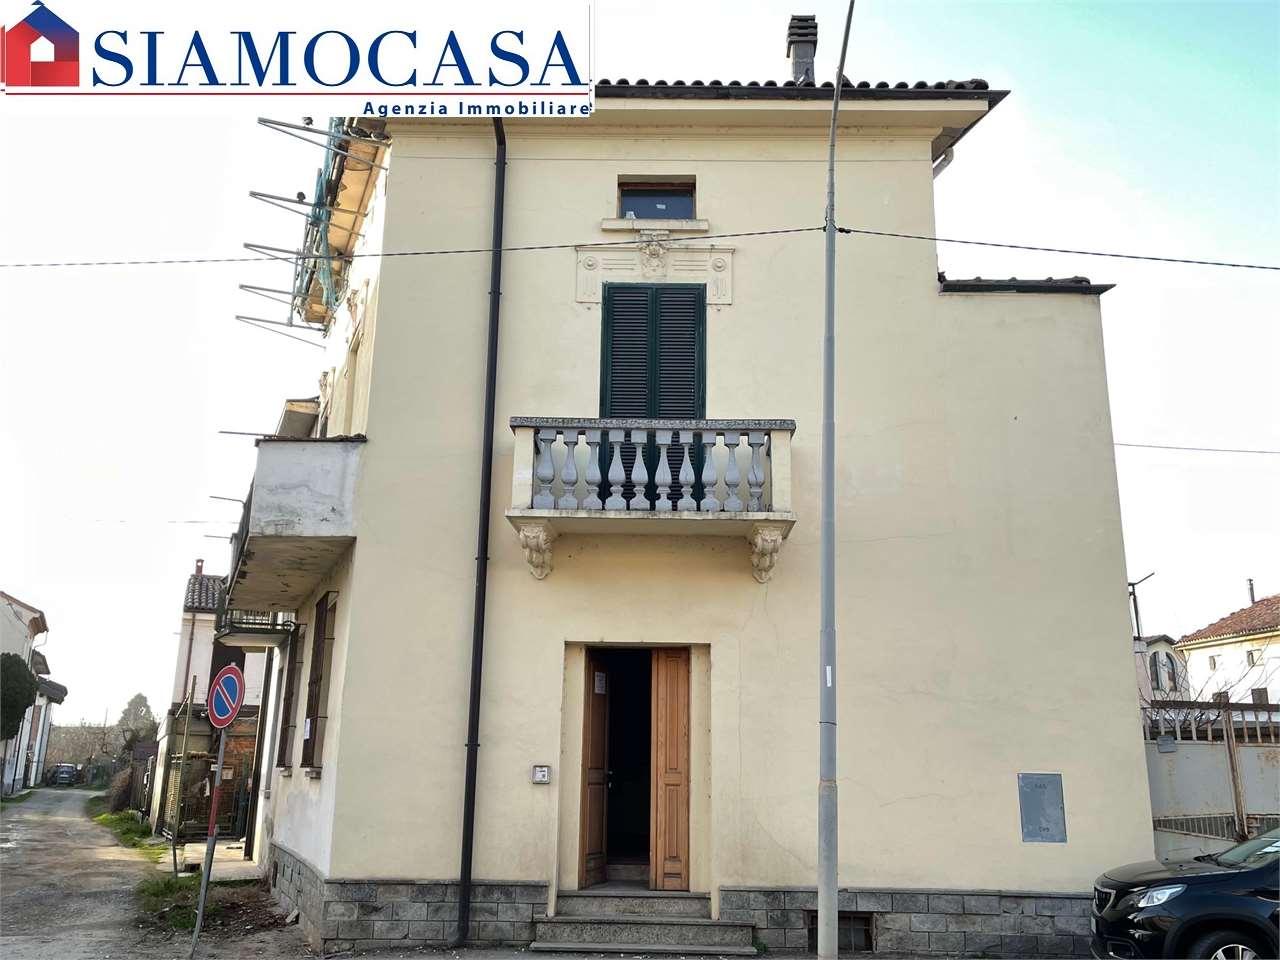 Soluzione Indipendente in vendita a Alessandria, 4 locali, zona Zona: Cantalupo, prezzo € 45.000 | CambioCasa.it